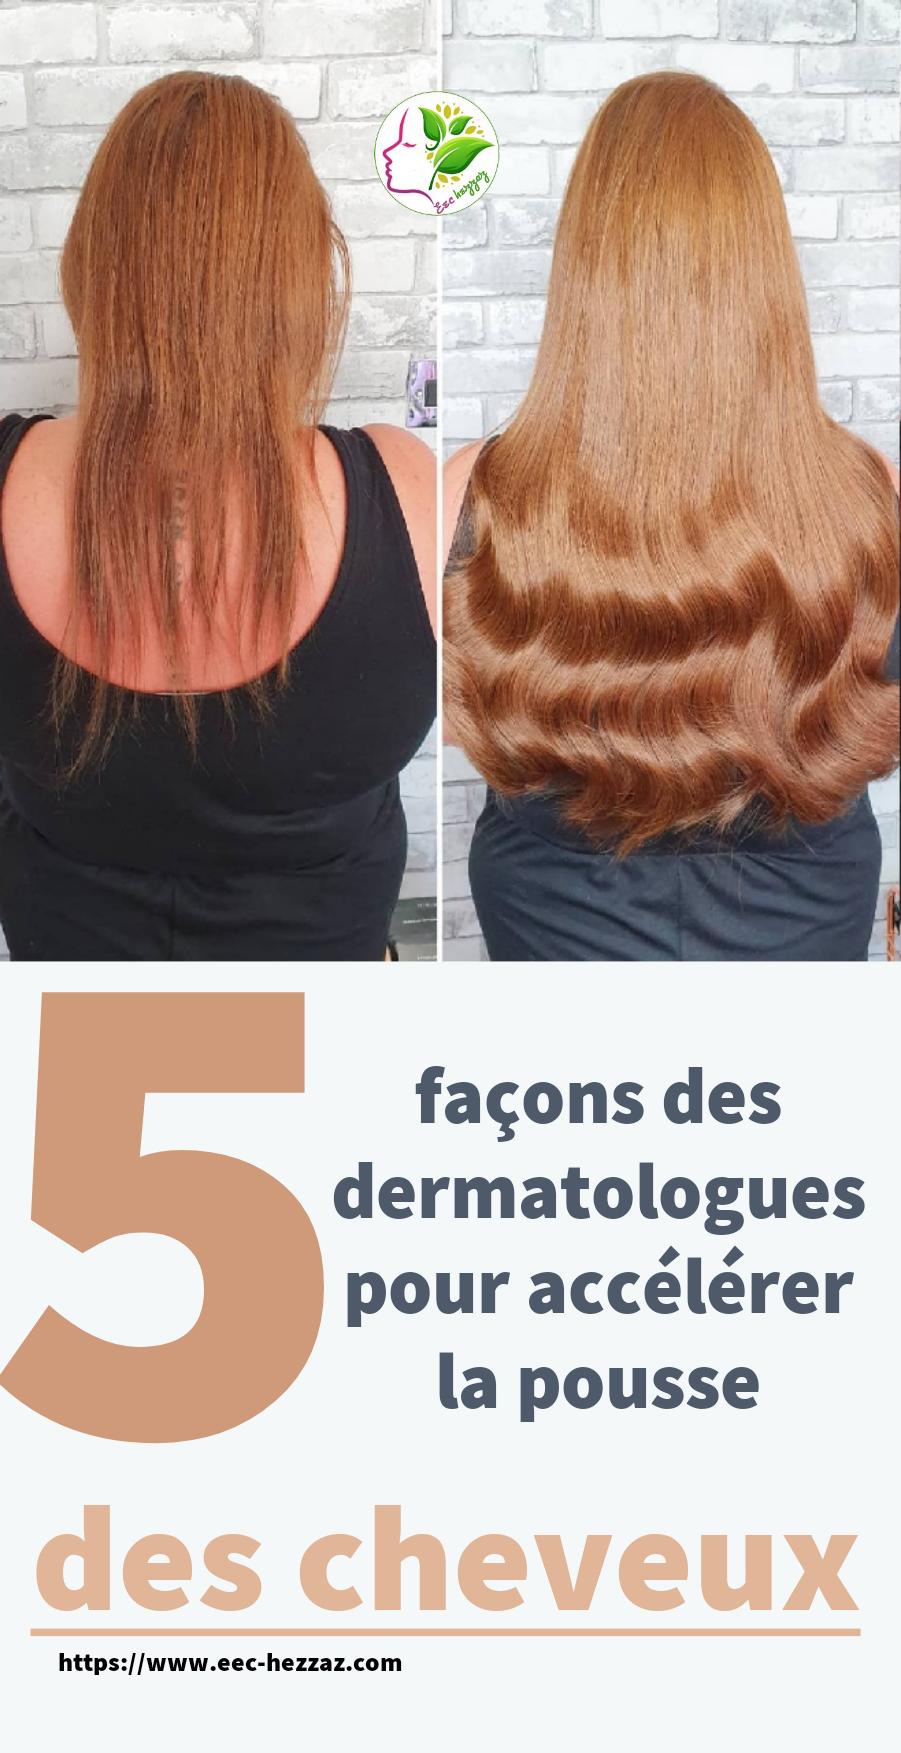 5 façons des dermatologues pour accélérer la pousse des cheveux